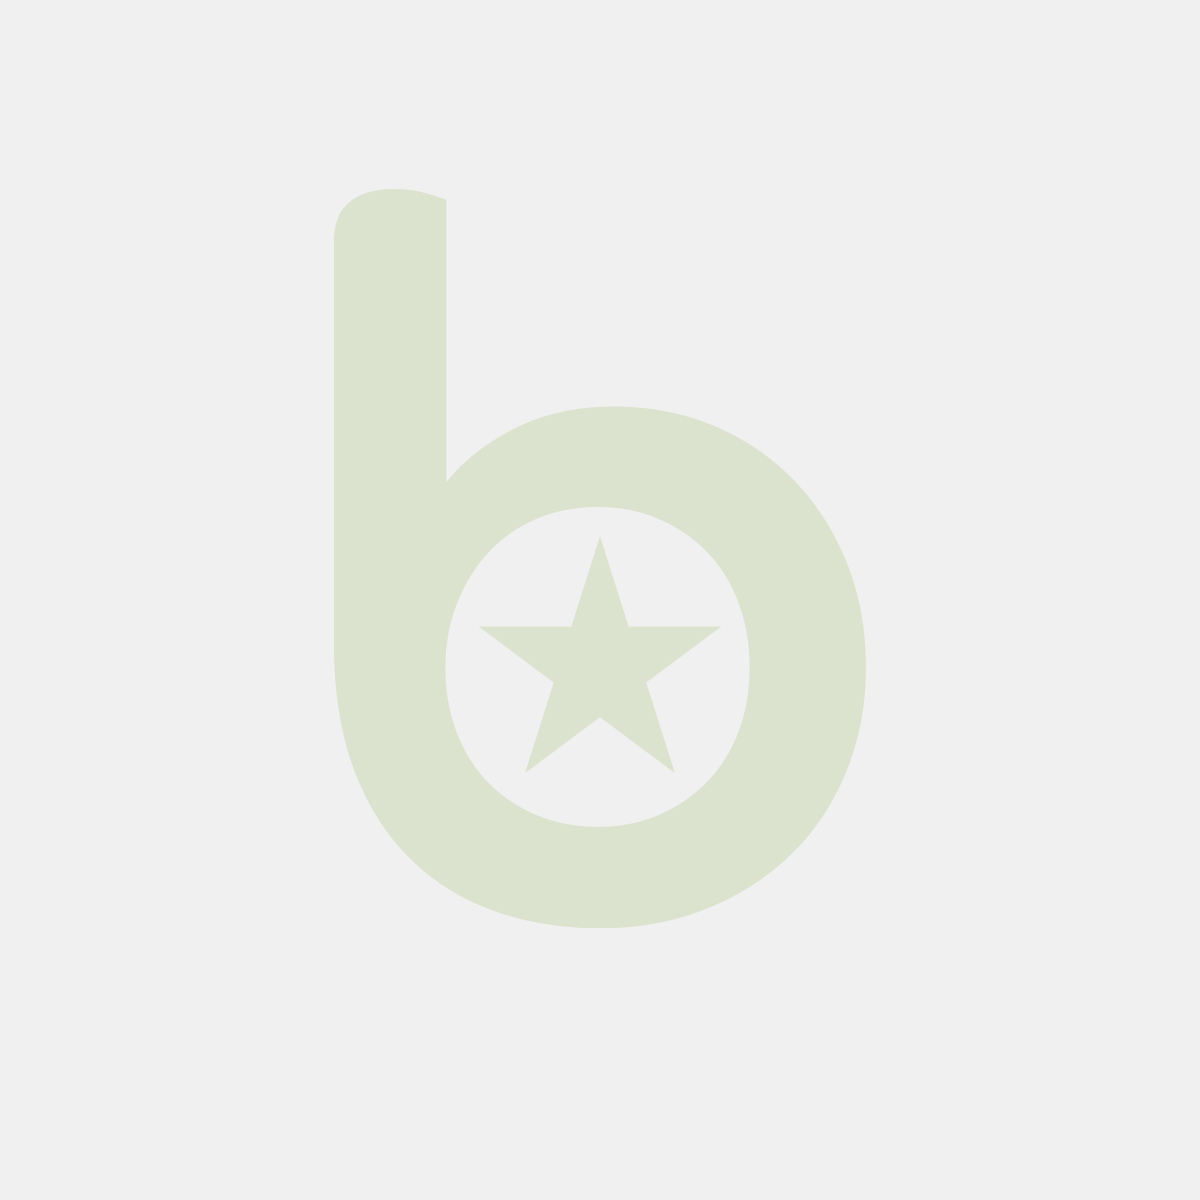 Pojemnik do zgrzewu czarny K 180/45, czarny, 180x180x45, cena za opakowanie 100szt